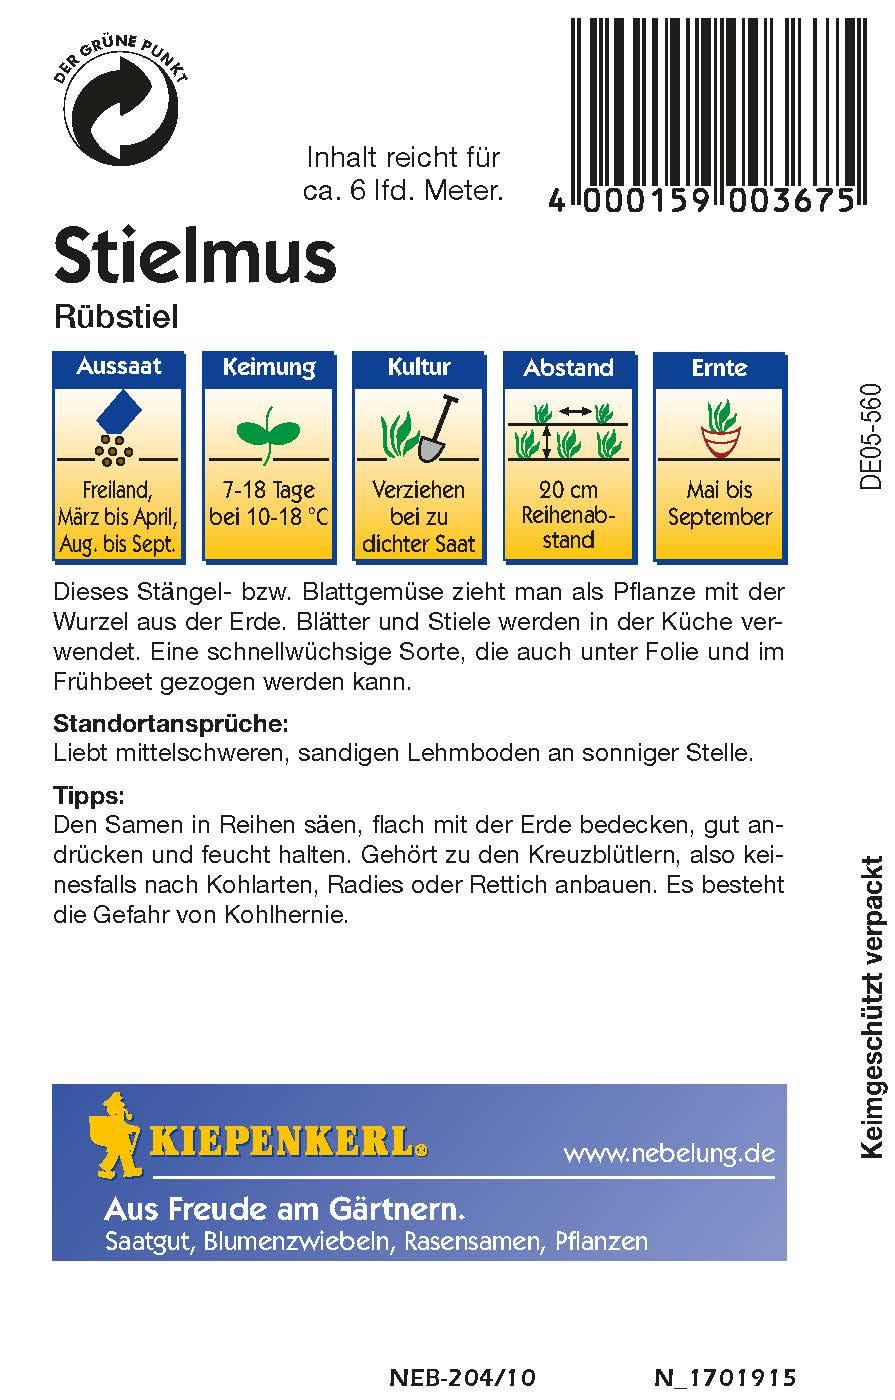 Saatgut Stielmus/ Rübstiel Stielmus / Rübstiel Bild 2